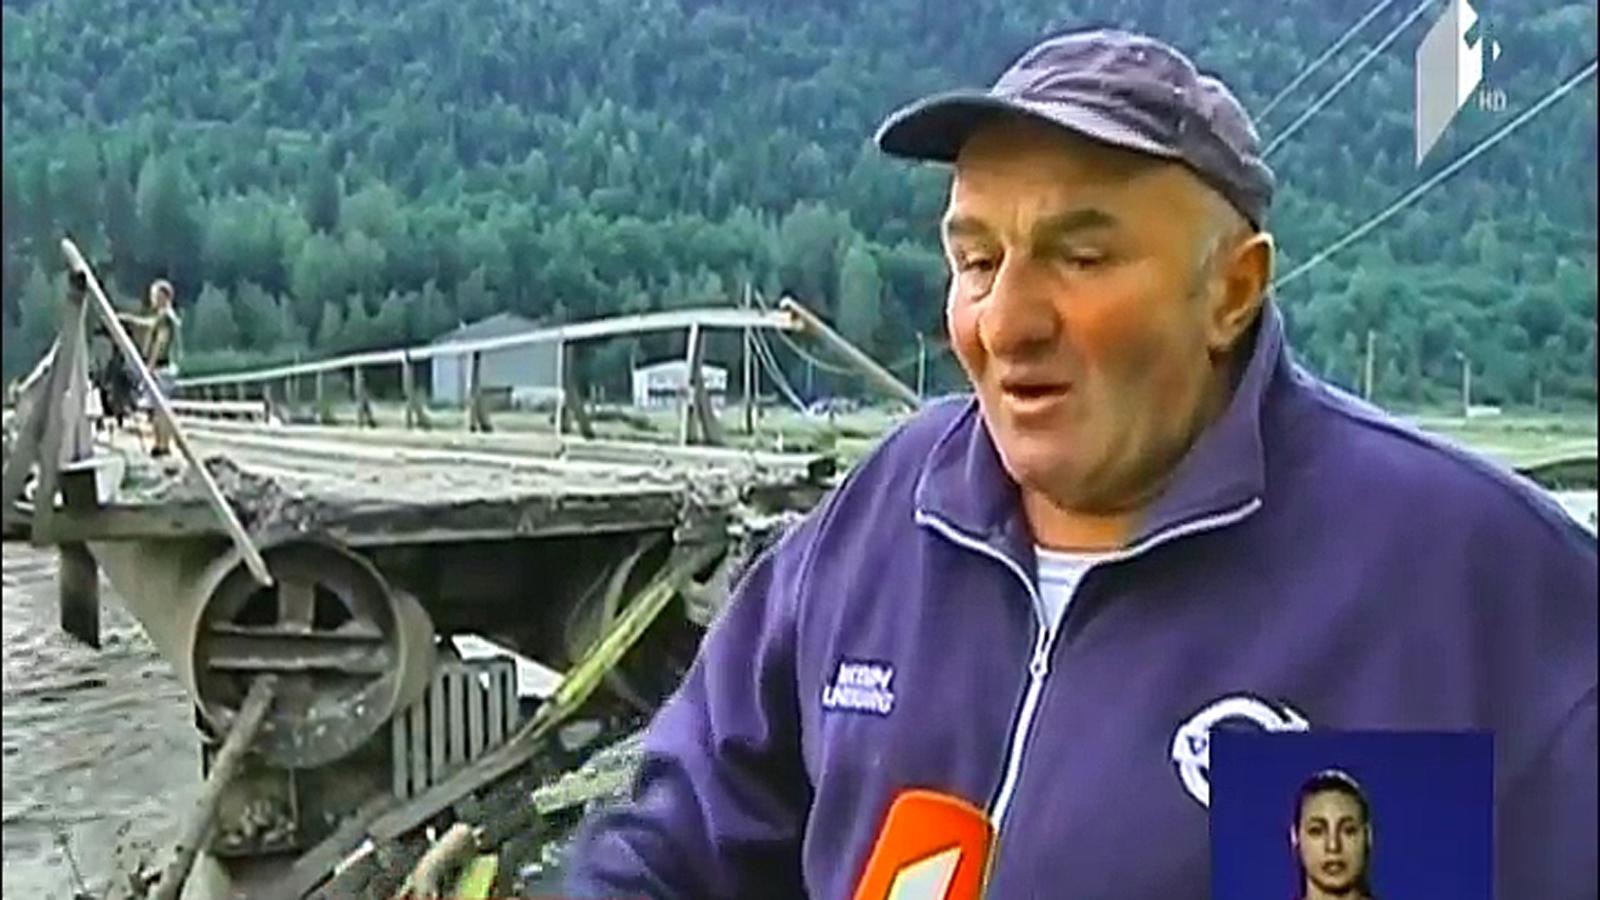 მესტიის რაიონში მდინარე მულხურა ადიდდა, 5 ხიდი წაიღო და უშგულისკენ მიმავალი საავტომობილო გზა დააზიანა